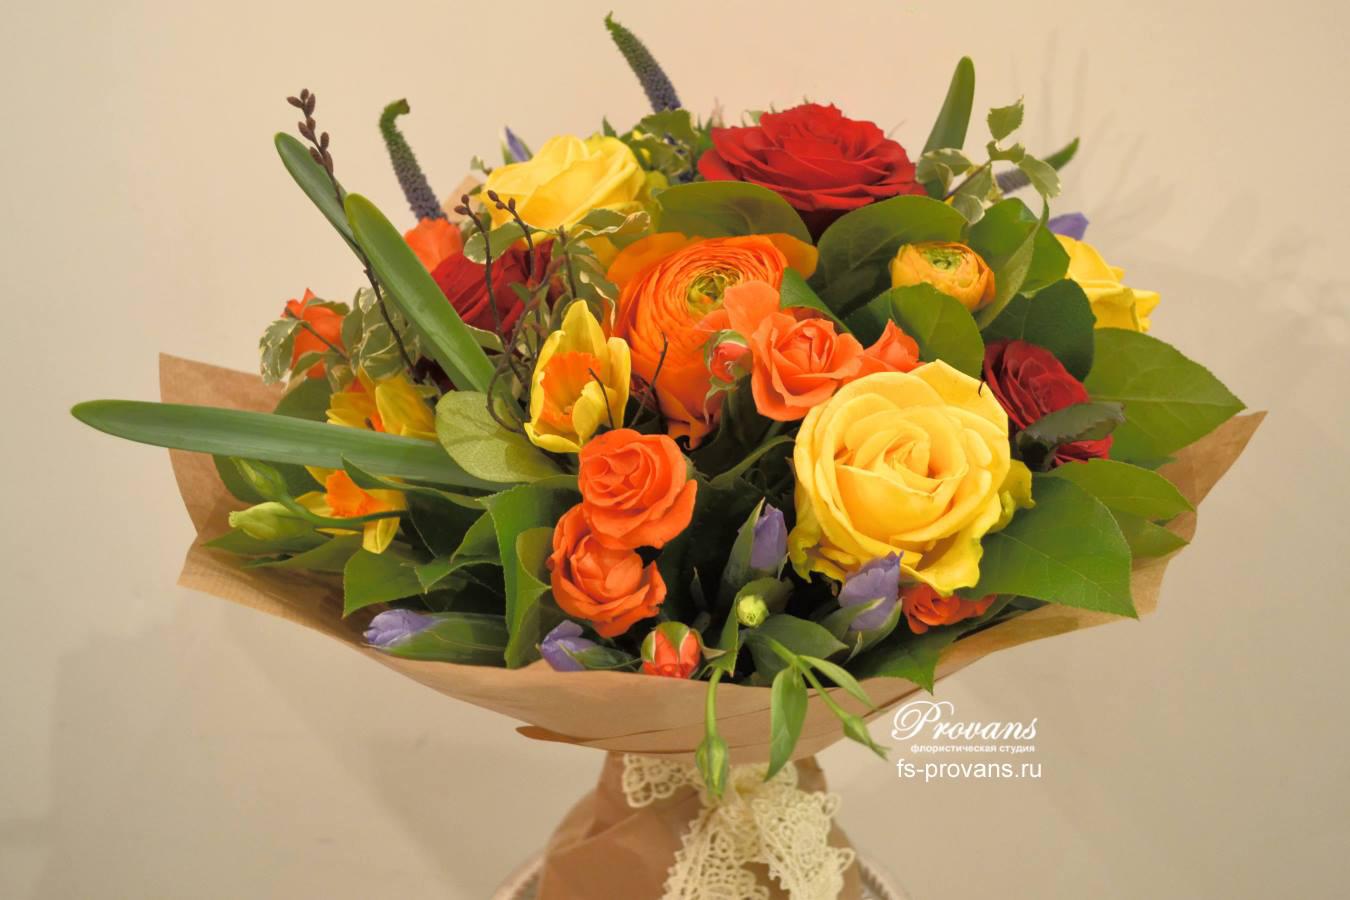 Весенний букет Первоцветы. нарциссы, розы, ирисы, лютики